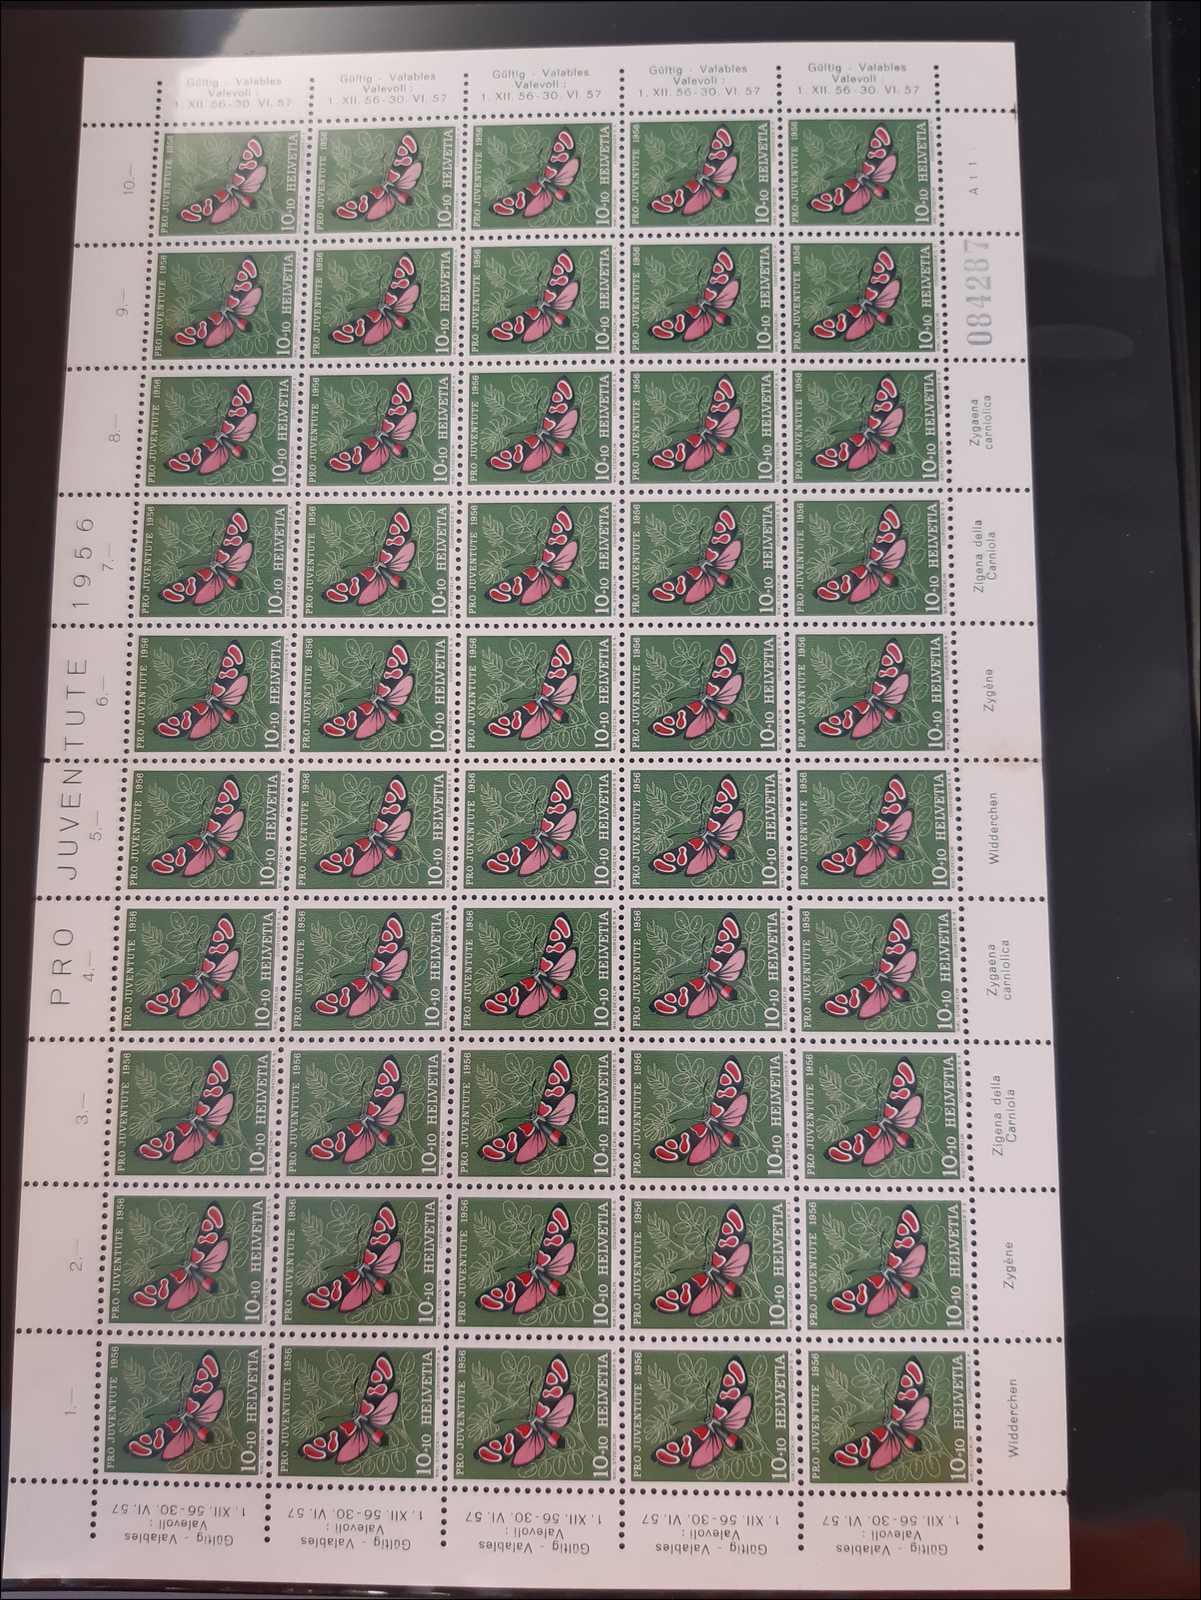 Lot 198 - schweiz schweiz pro juventute -  Rolli Auctions Auction #68 Day 1